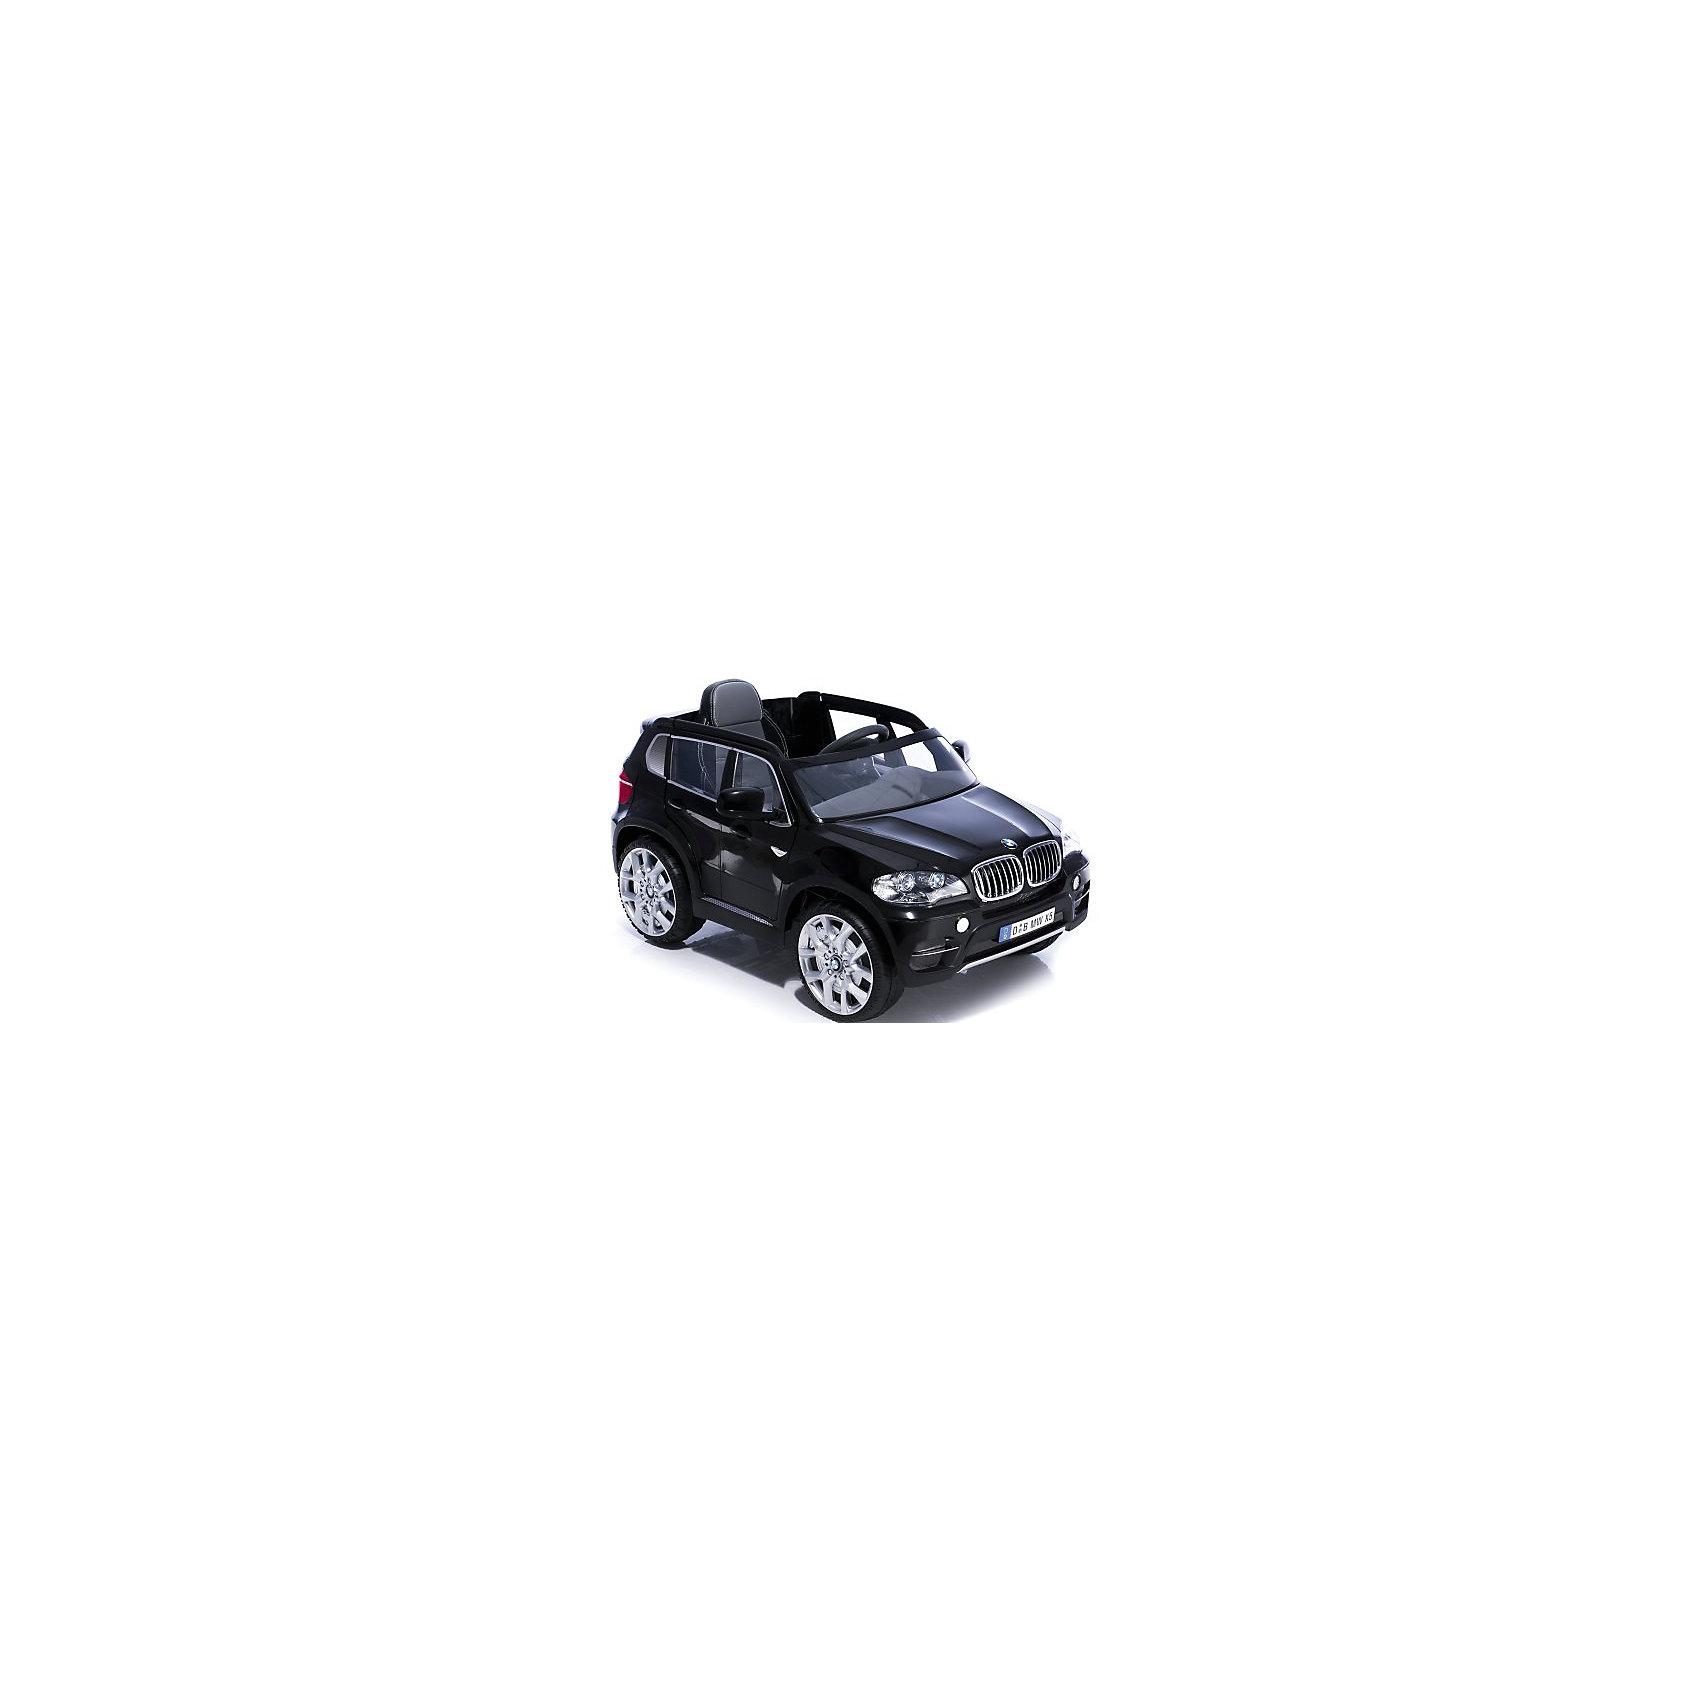 Электромобиль L200, Geoby, черныйЭлектромобили<br>Детский электромобиль Geoby W498QG (Геоби) Электромобиль Geoby – это модель с дизайном внедорожника. Все детали в машинке очень прочные, красивые, а сам электромобиль отличается прекрасной сборкой и качественными материалами. Крепкий корпус, большие колеса обеспечивают ровную езду и плавность в движении. Таким автомобилем будет легко управлять  всем: как малышу, так  и его родителям с помощью пульта дистанционного управления. Внешний вид электромобиля, световые  и звуковые эффекты дарят юному автомобилисту очень «реалистичные» ощущения в поездках.  А наличие ремней  безопасности убережет от падения на крутых поворотах, максимальная скорость машинки – 5 км.<br><br>Дополнительная информация:<br><br>- реалистичный внешний вид.<br>- прозрачное лобовое стекло.<br>- функциональная панель приборов.<br>- светодиодные фары.<br>- движение вперед и назад.<br>- рулевое колесо с звуковыми эффектами.<br>- аккумулятор 6 V.<br>- открывающиеся двери.<br>- пульт управления.<br>- электромобиль лицензирован компанией BMW AG.<br>- размер электромобиля – 116*62*52 см.<br>- размер упаковки: 62*45,7*116 см<br><br>Электромобиль A06,торговой марки  Geoby, можно купить в нашем интернет-магазине<br><br>Ширина мм: 1170<br>Глубина мм: 670<br>Высота мм: 525<br>Вес г: 24500<br>Возраст от месяцев: 24<br>Возраст до месяцев: 84<br>Пол: Унисекс<br>Возраст: Детский<br>SKU: 4975818